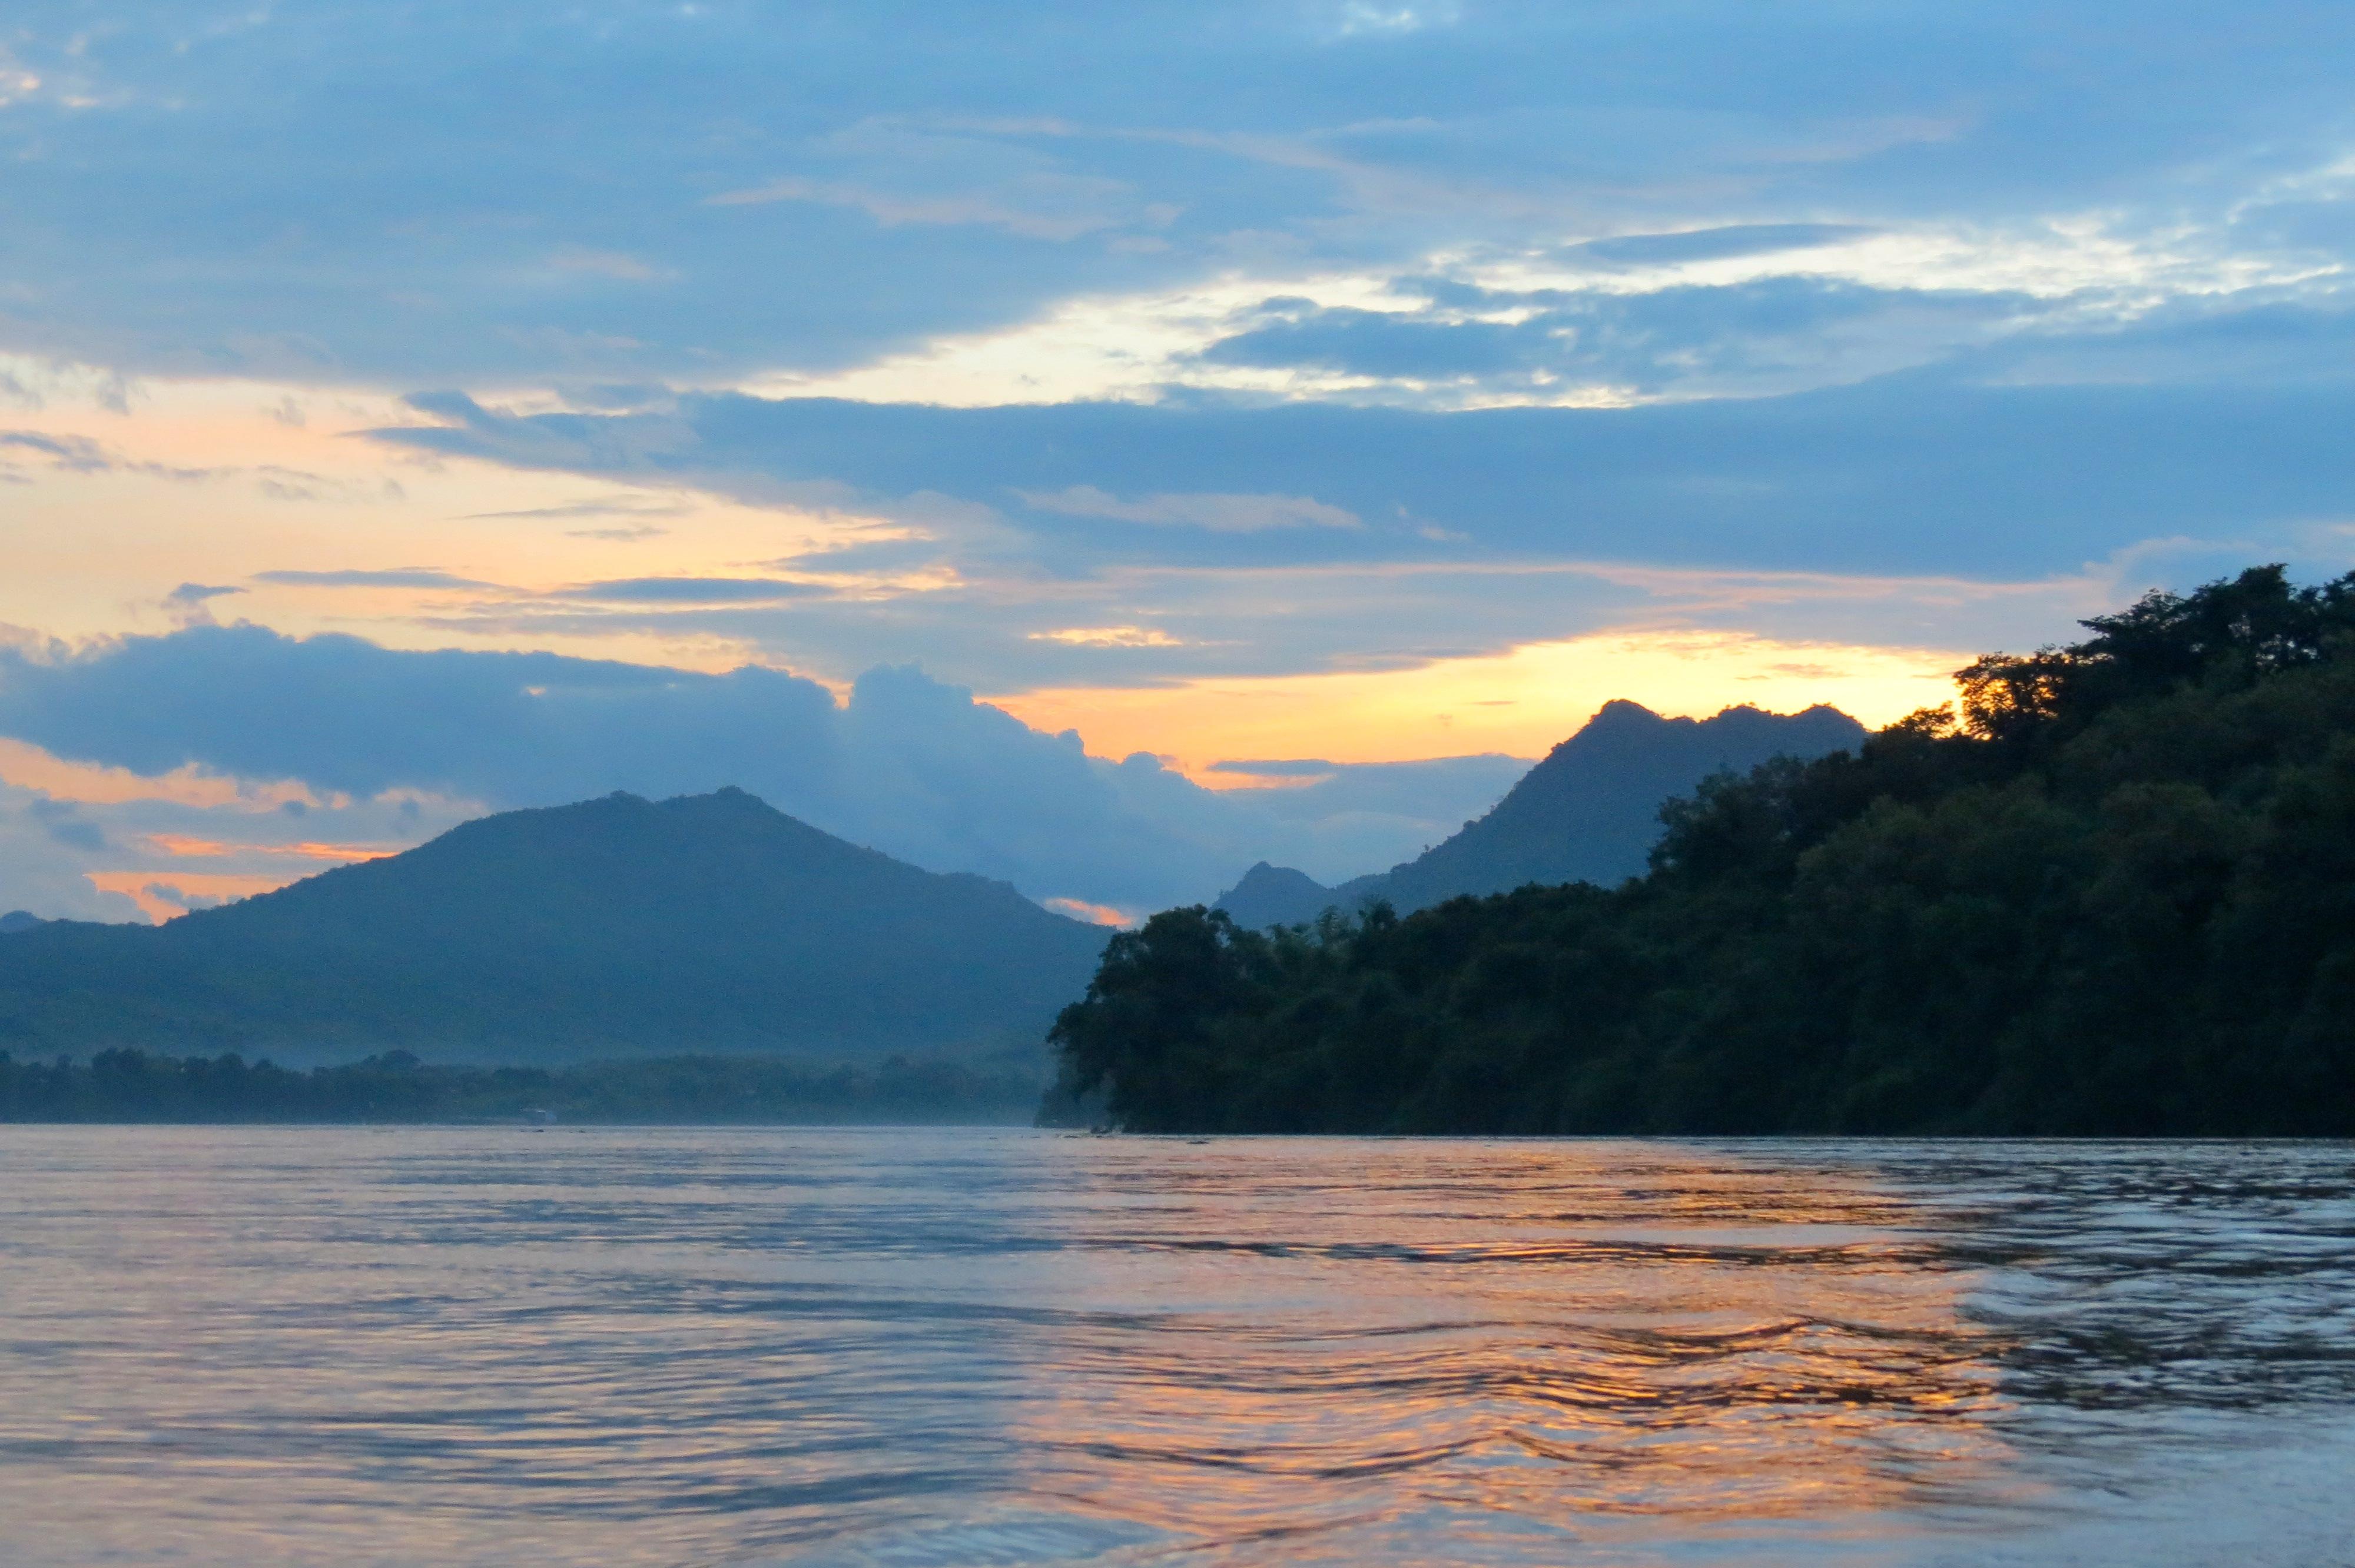 Luang Prabang Mekong sunset posta de sol